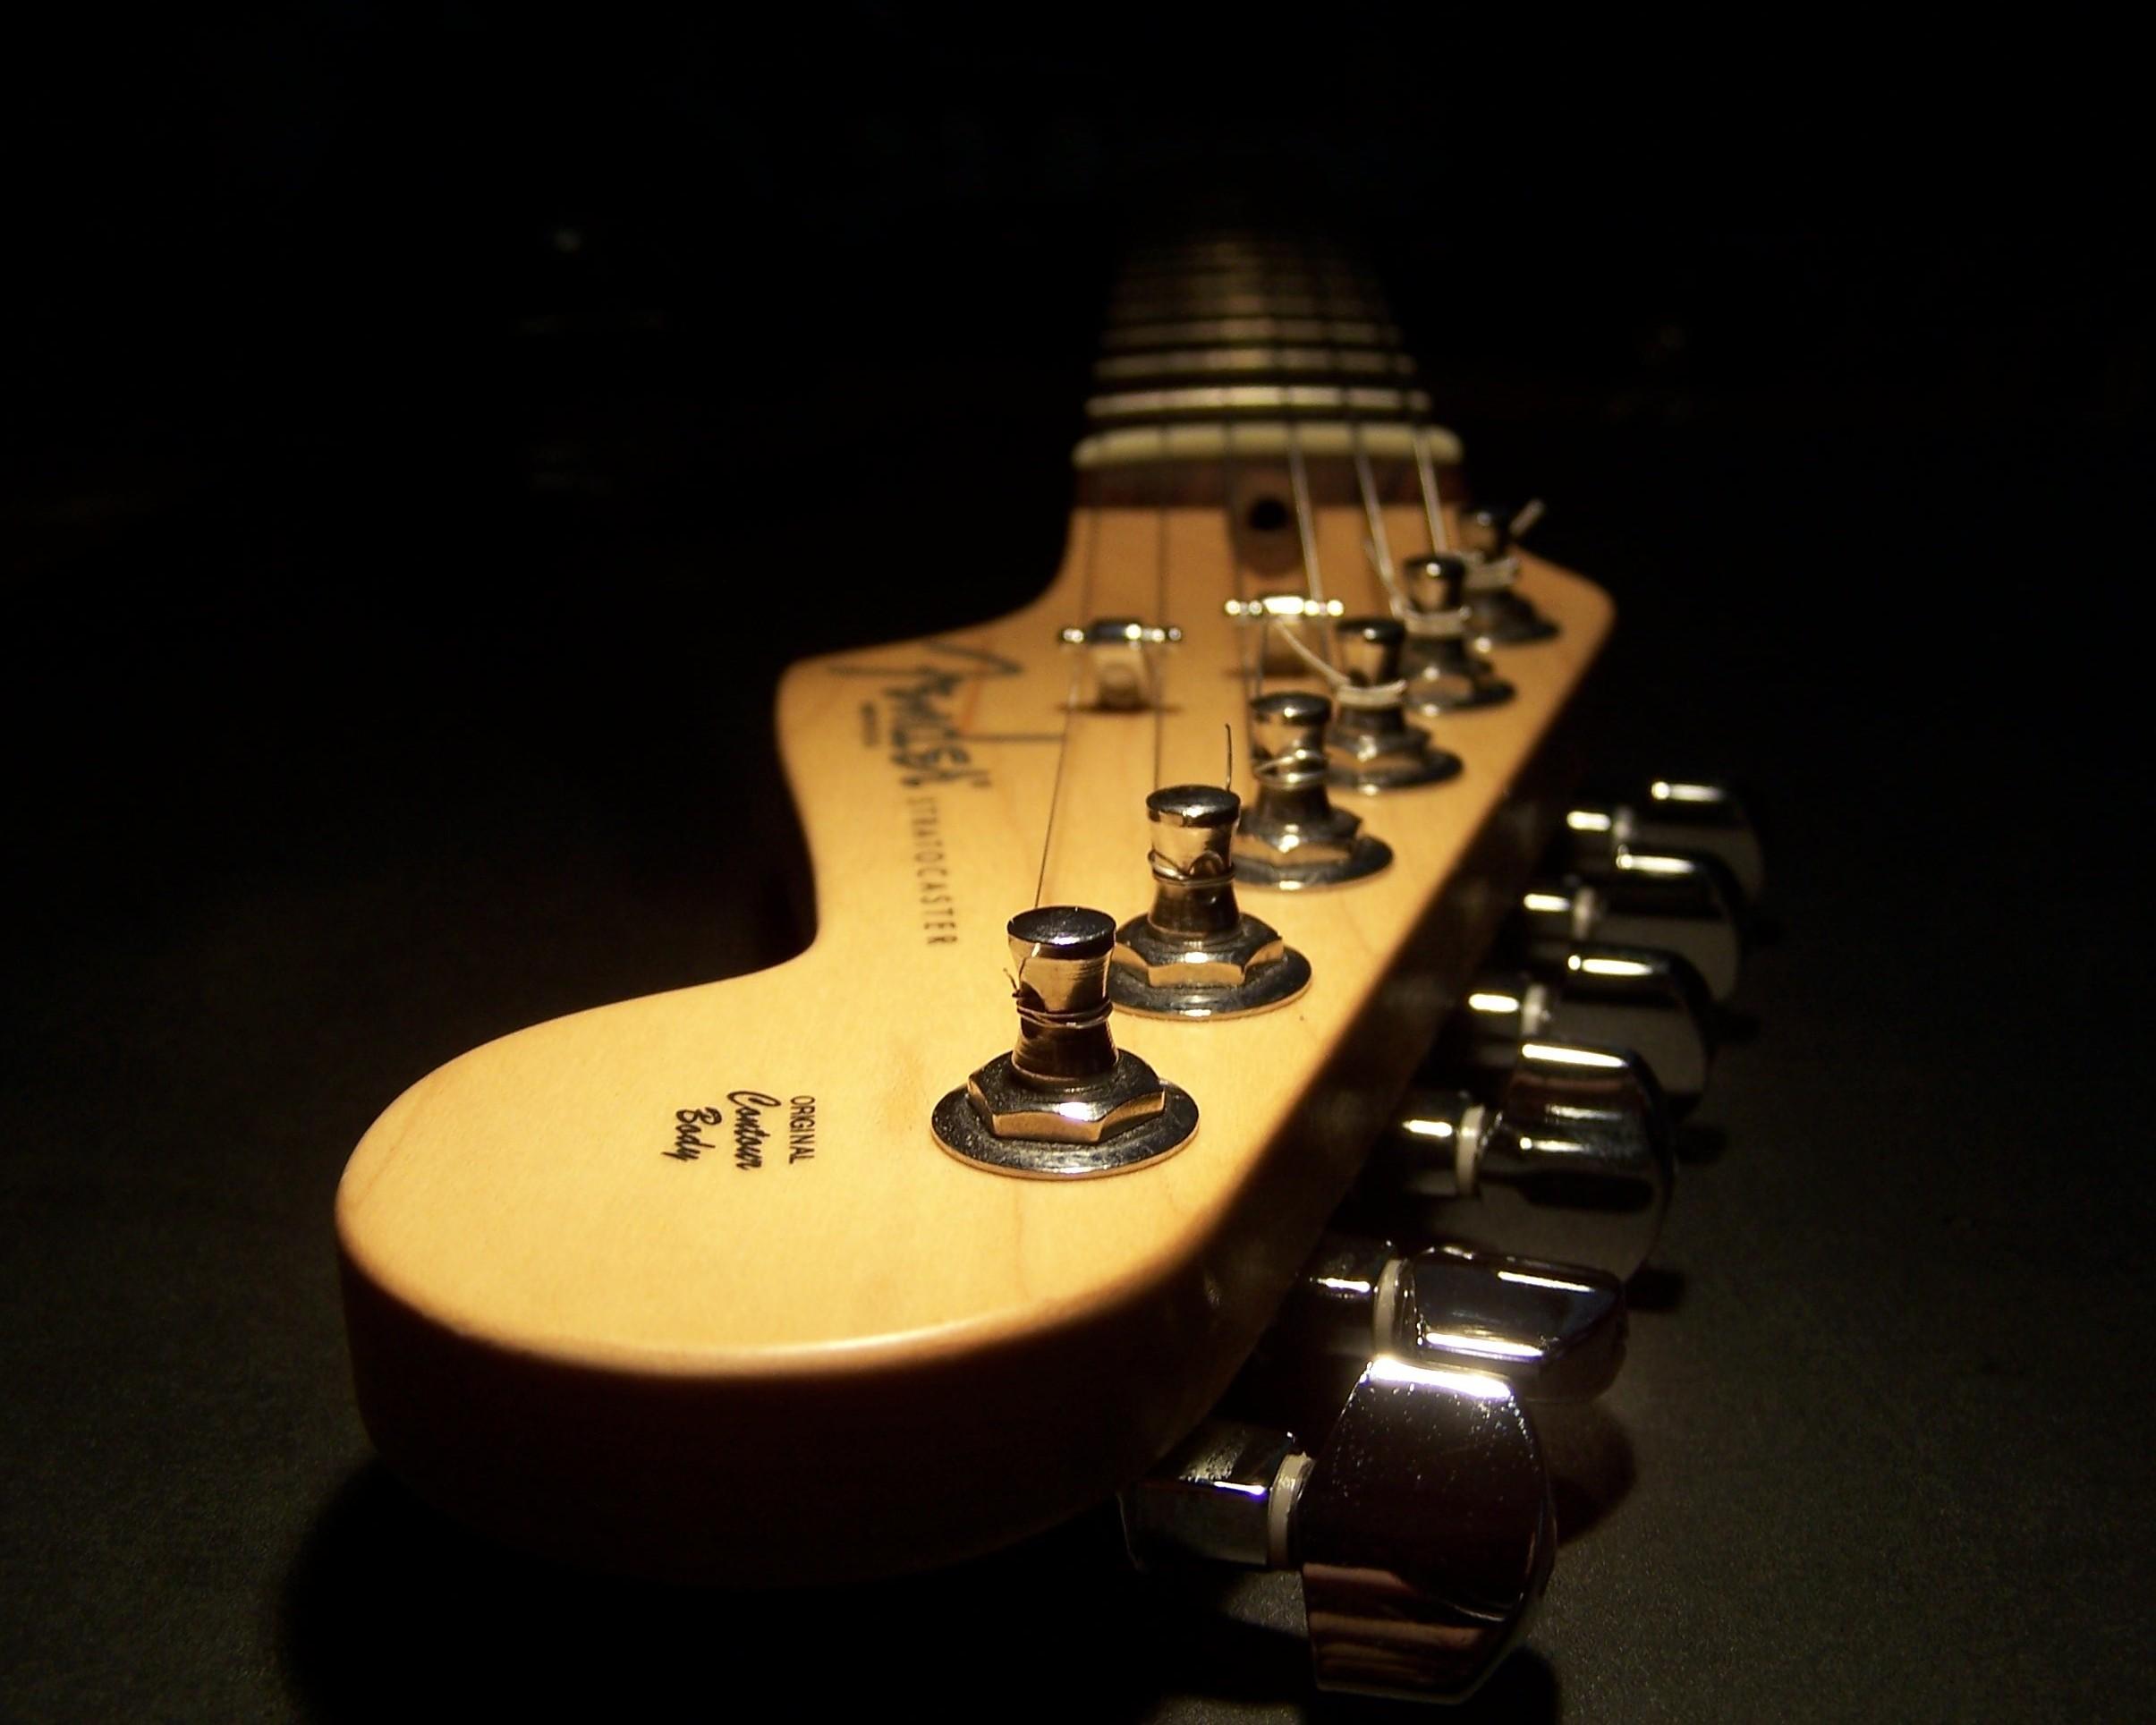 кольца гитара загрузить